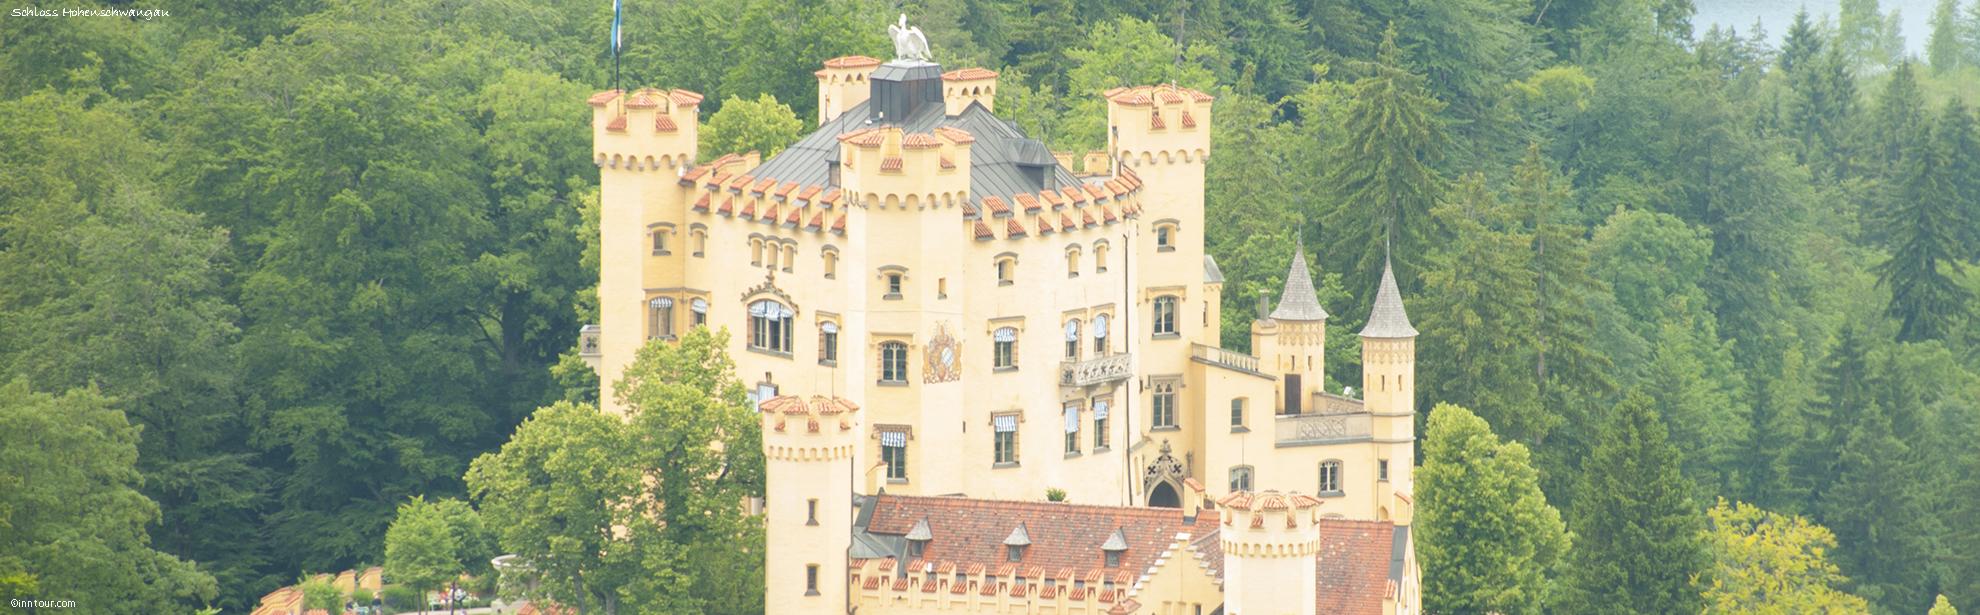 Oklassinntour_Hohenschwangau-Fssen-026